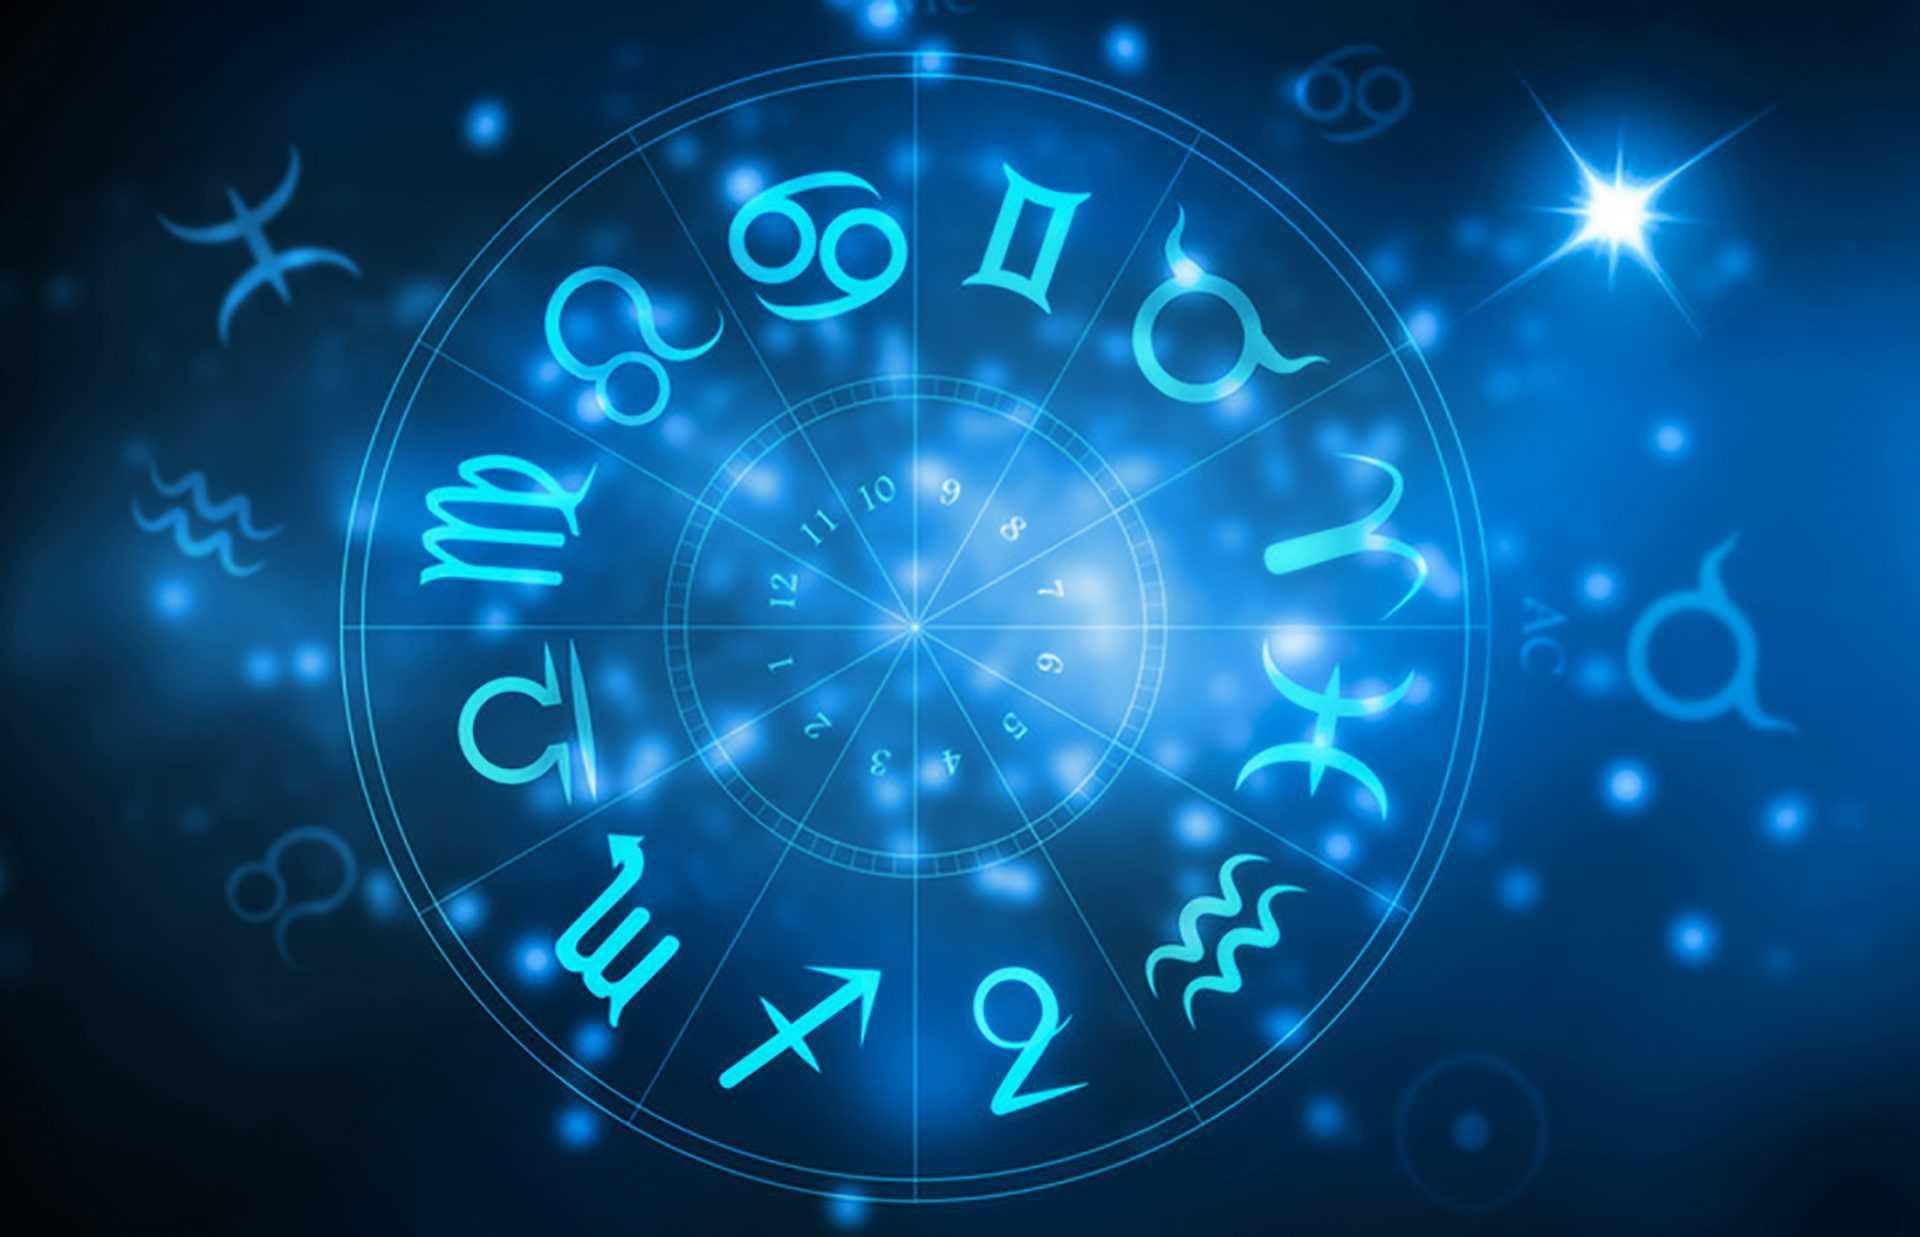 Гороскоп на 8 вересня для всіх знаків Зодіаку